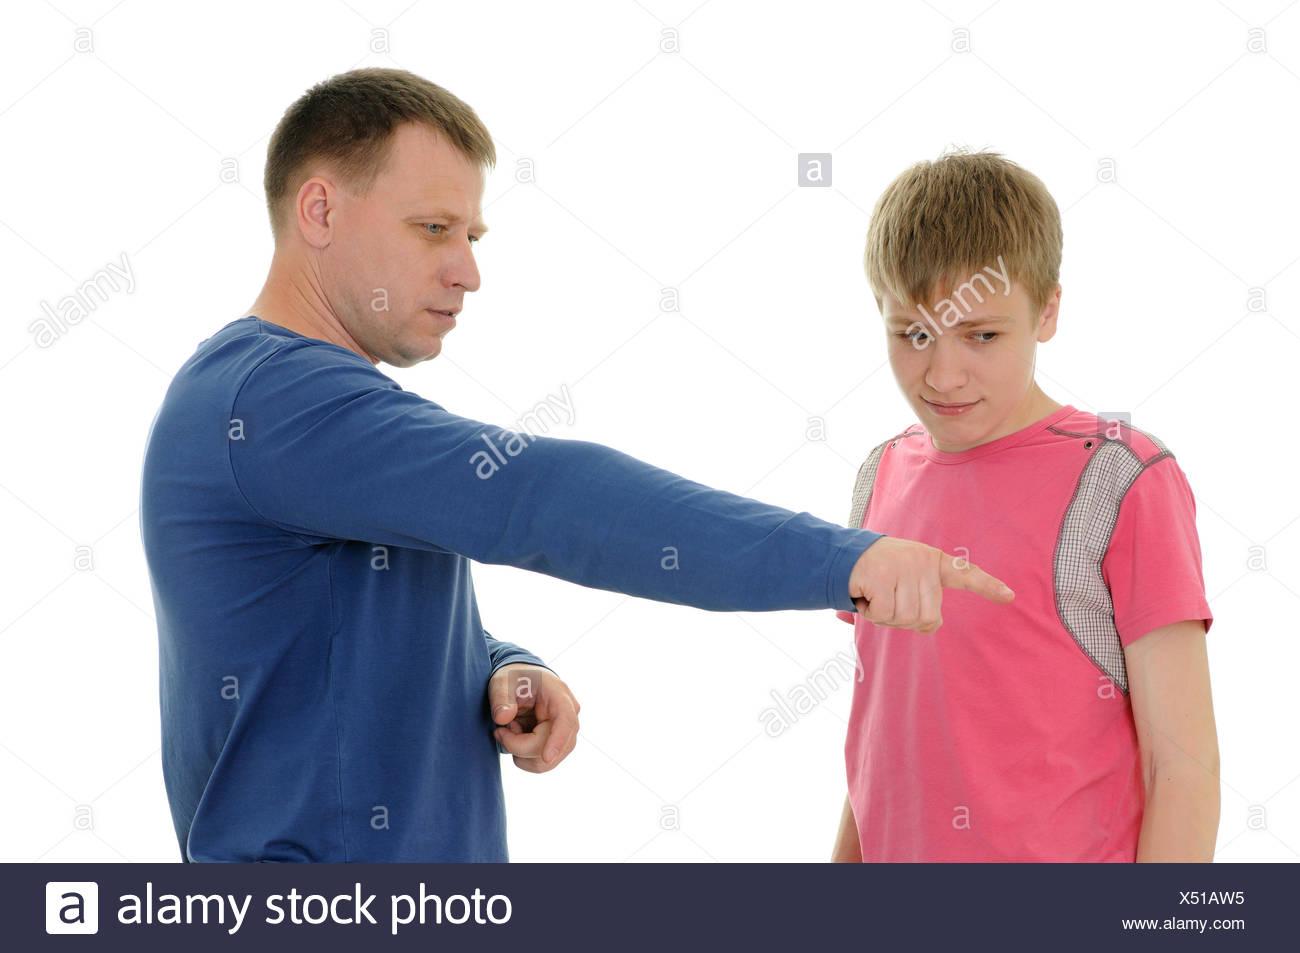 Men com daddy